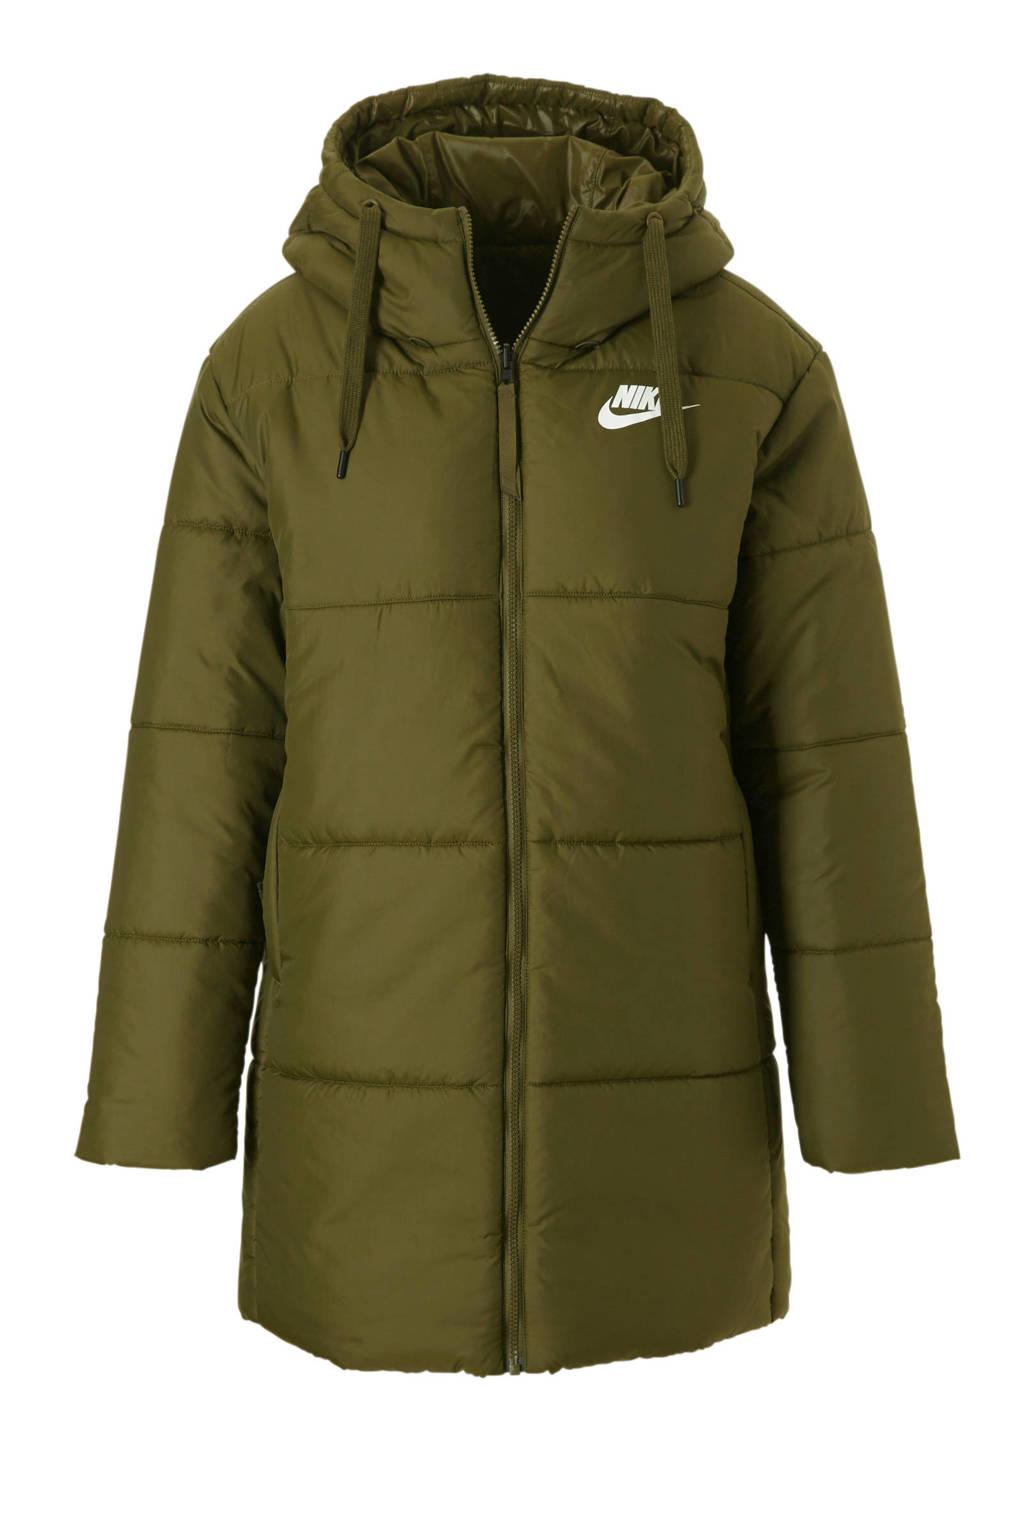 Halflange Winterjas.Nike Omkeerbare Halflange Jas Groen Wehkamp